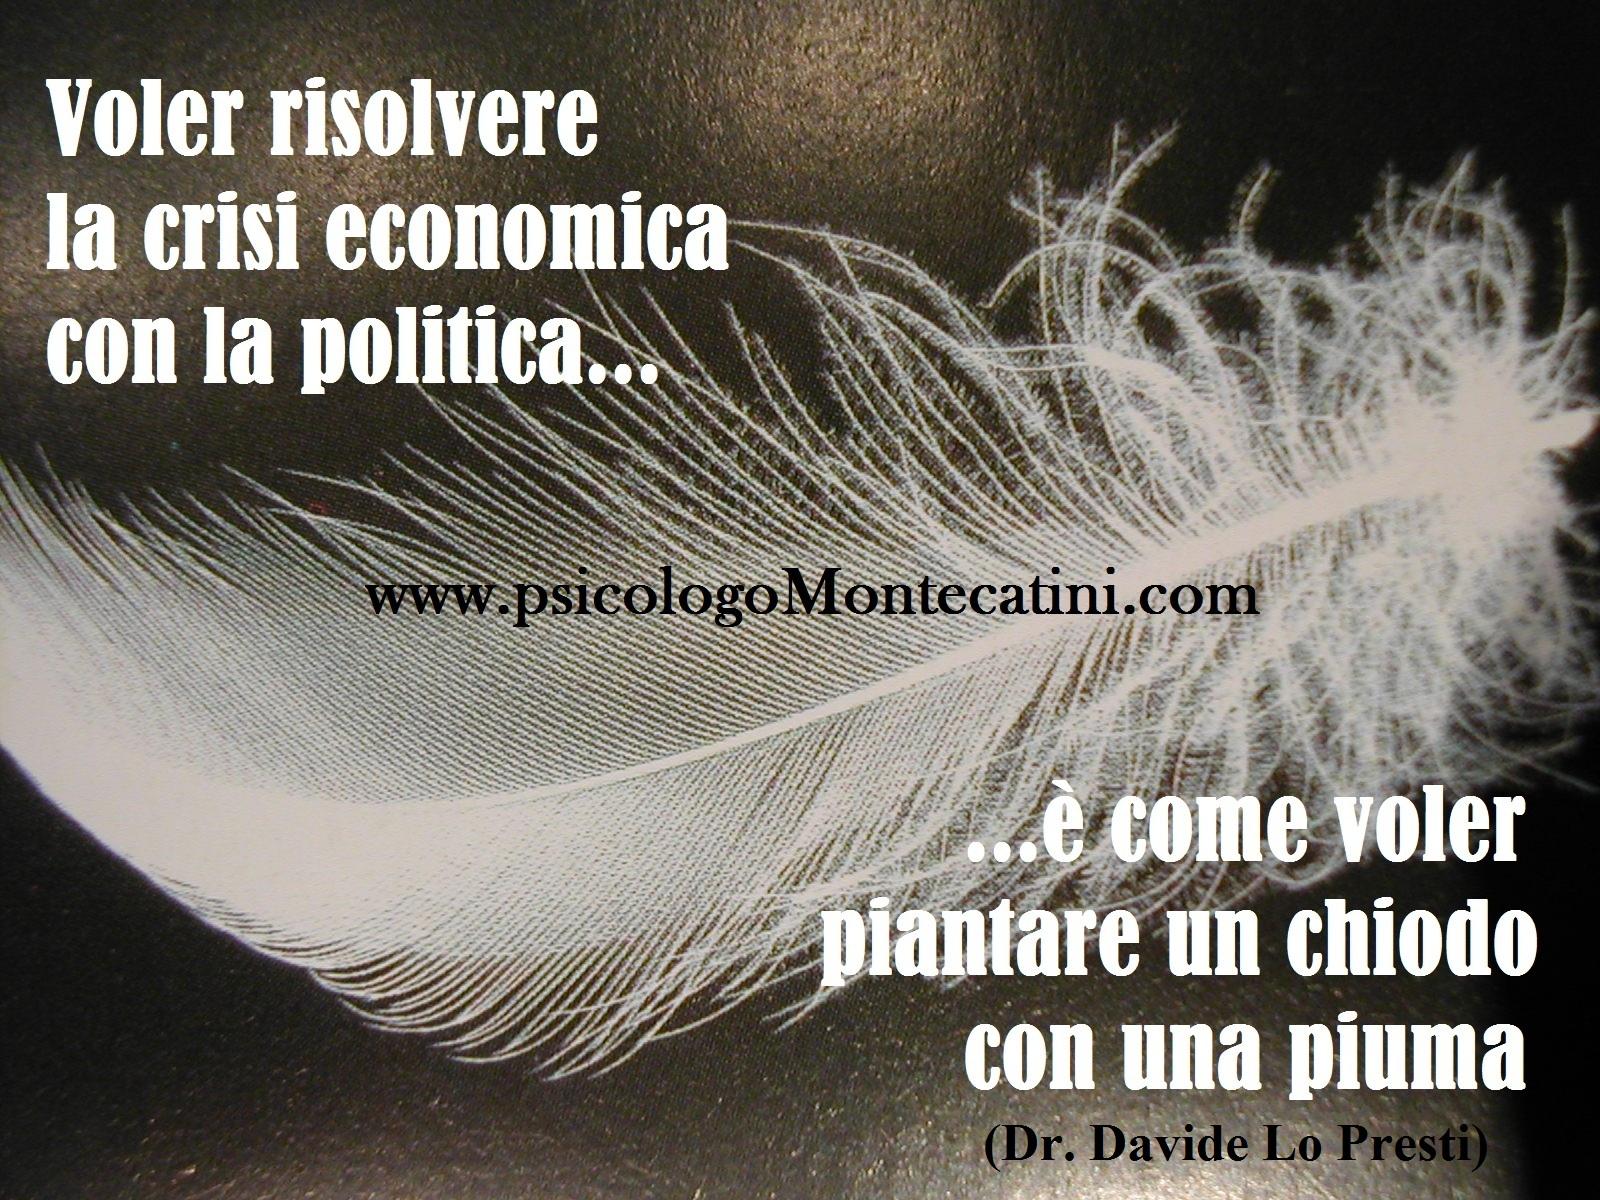 Pillola #3A Piuma Dr. Davide Lo Presti PsicologoMontecatini.com